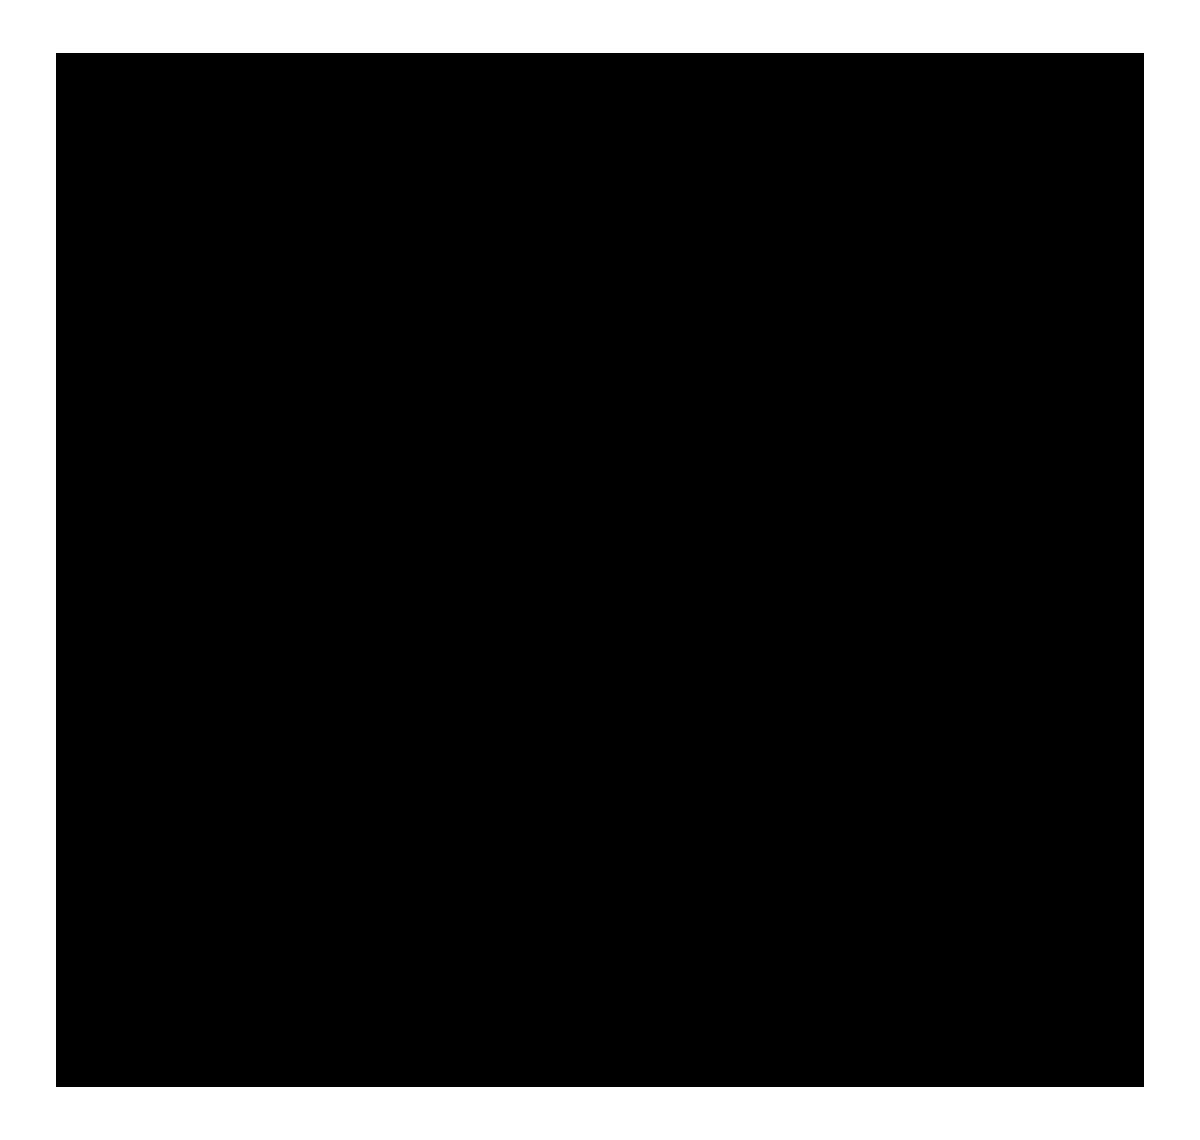 BR-Fernsehen-noir